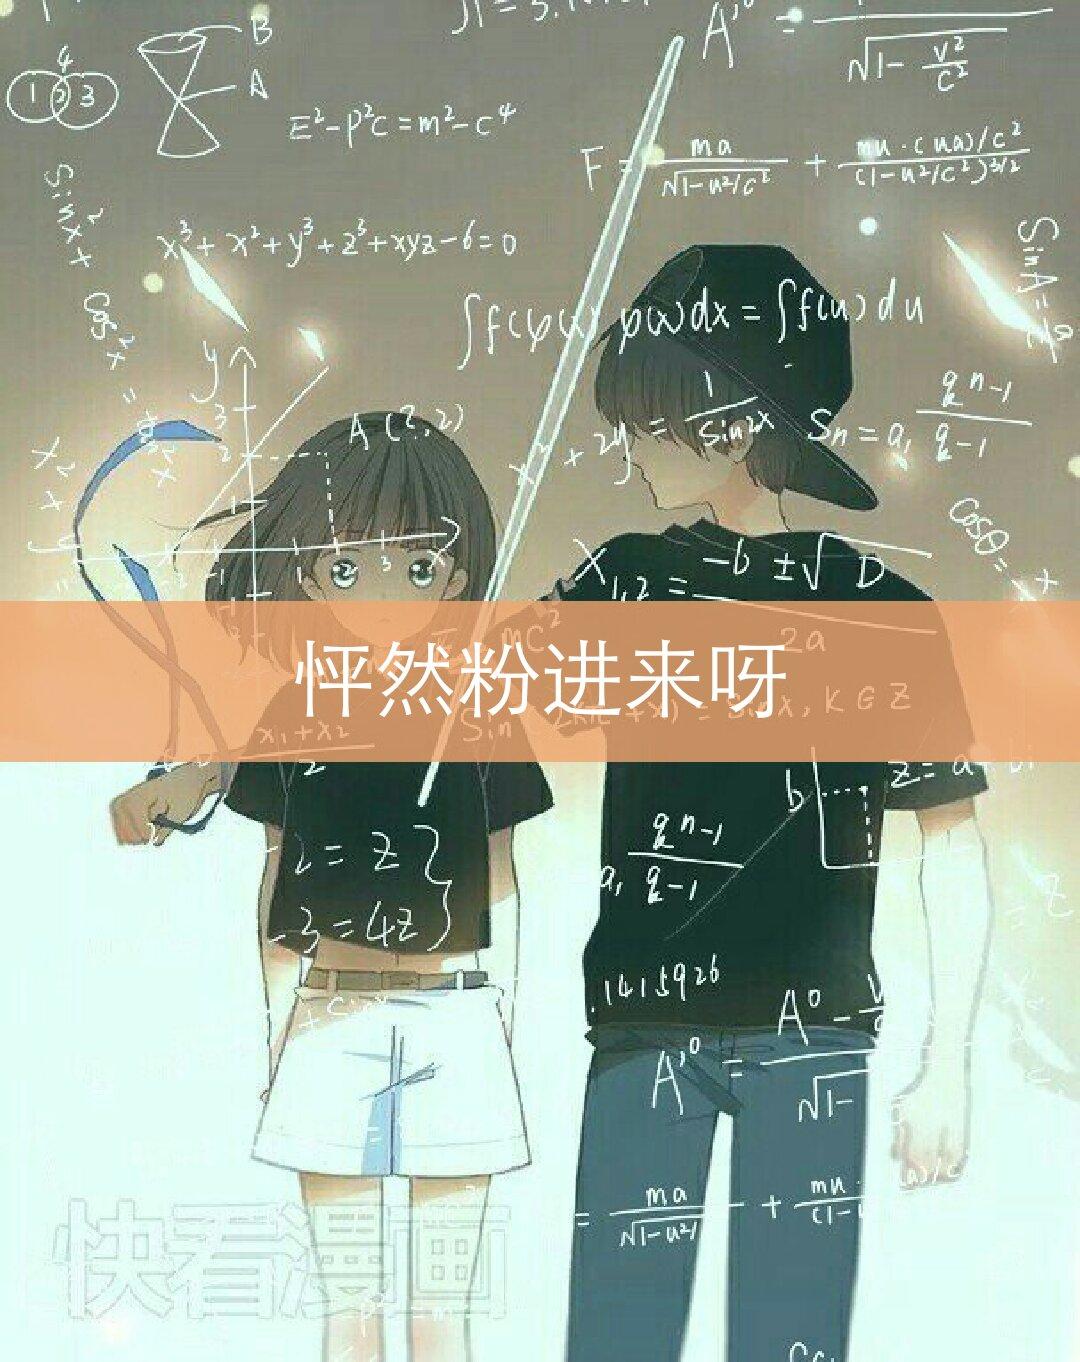 《怦然心动》的数学公式,要的加qq图片